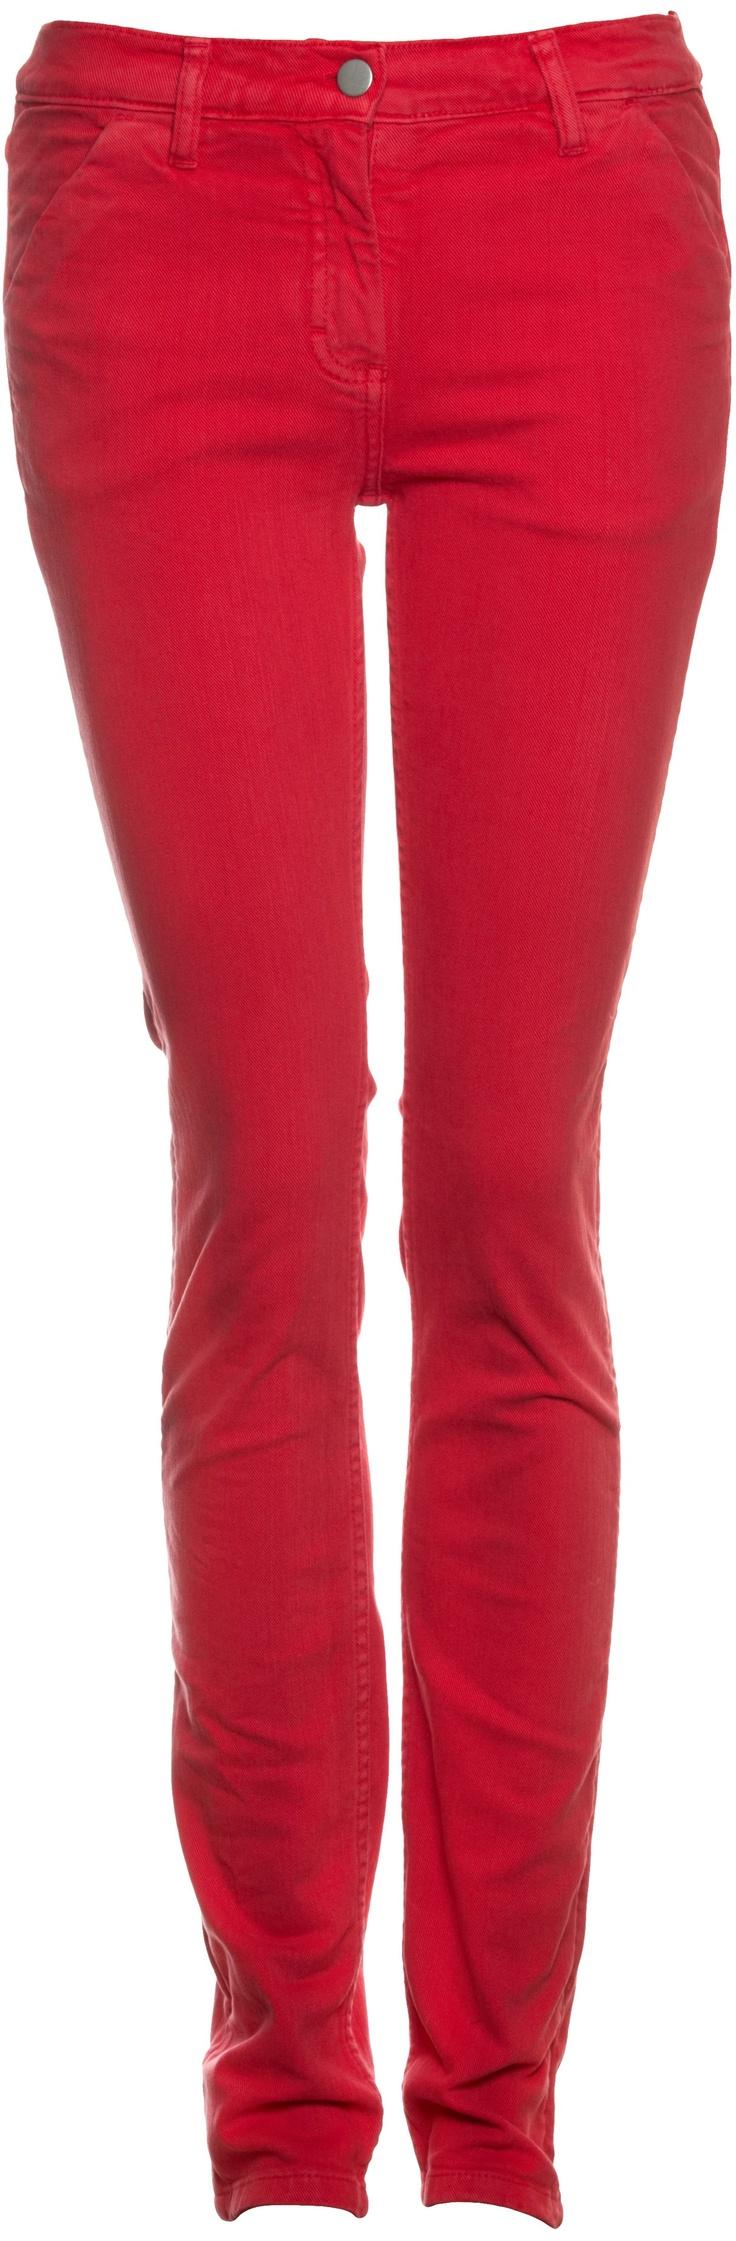 Röhrenjeans rot  von L'Herbe Rouge